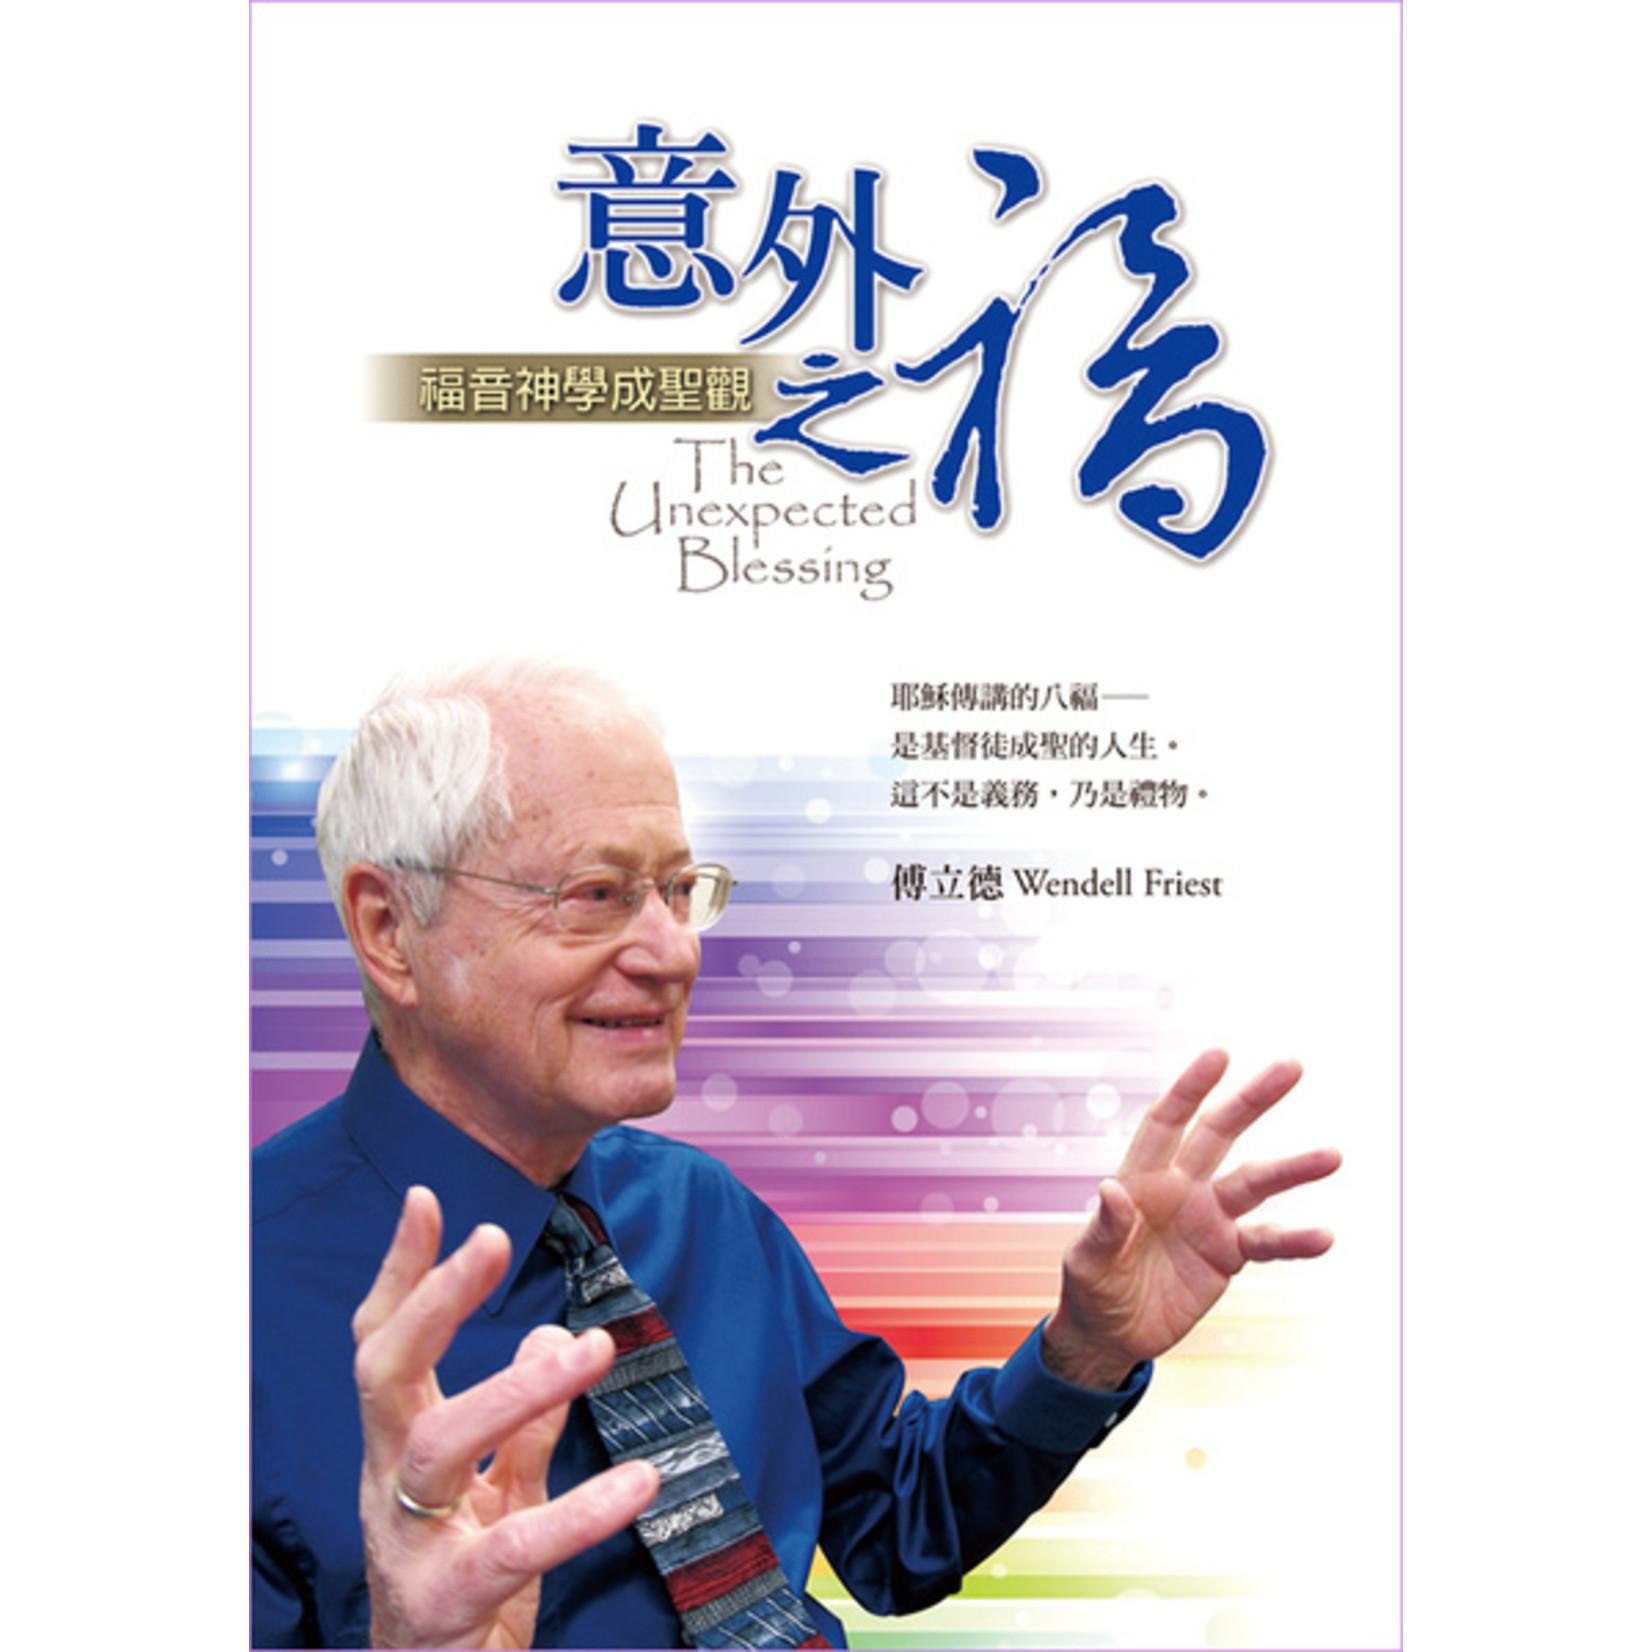 道聲 Taosheng Taiwan 意外之福:福音神學成聖觀 The Unexpected Blessing